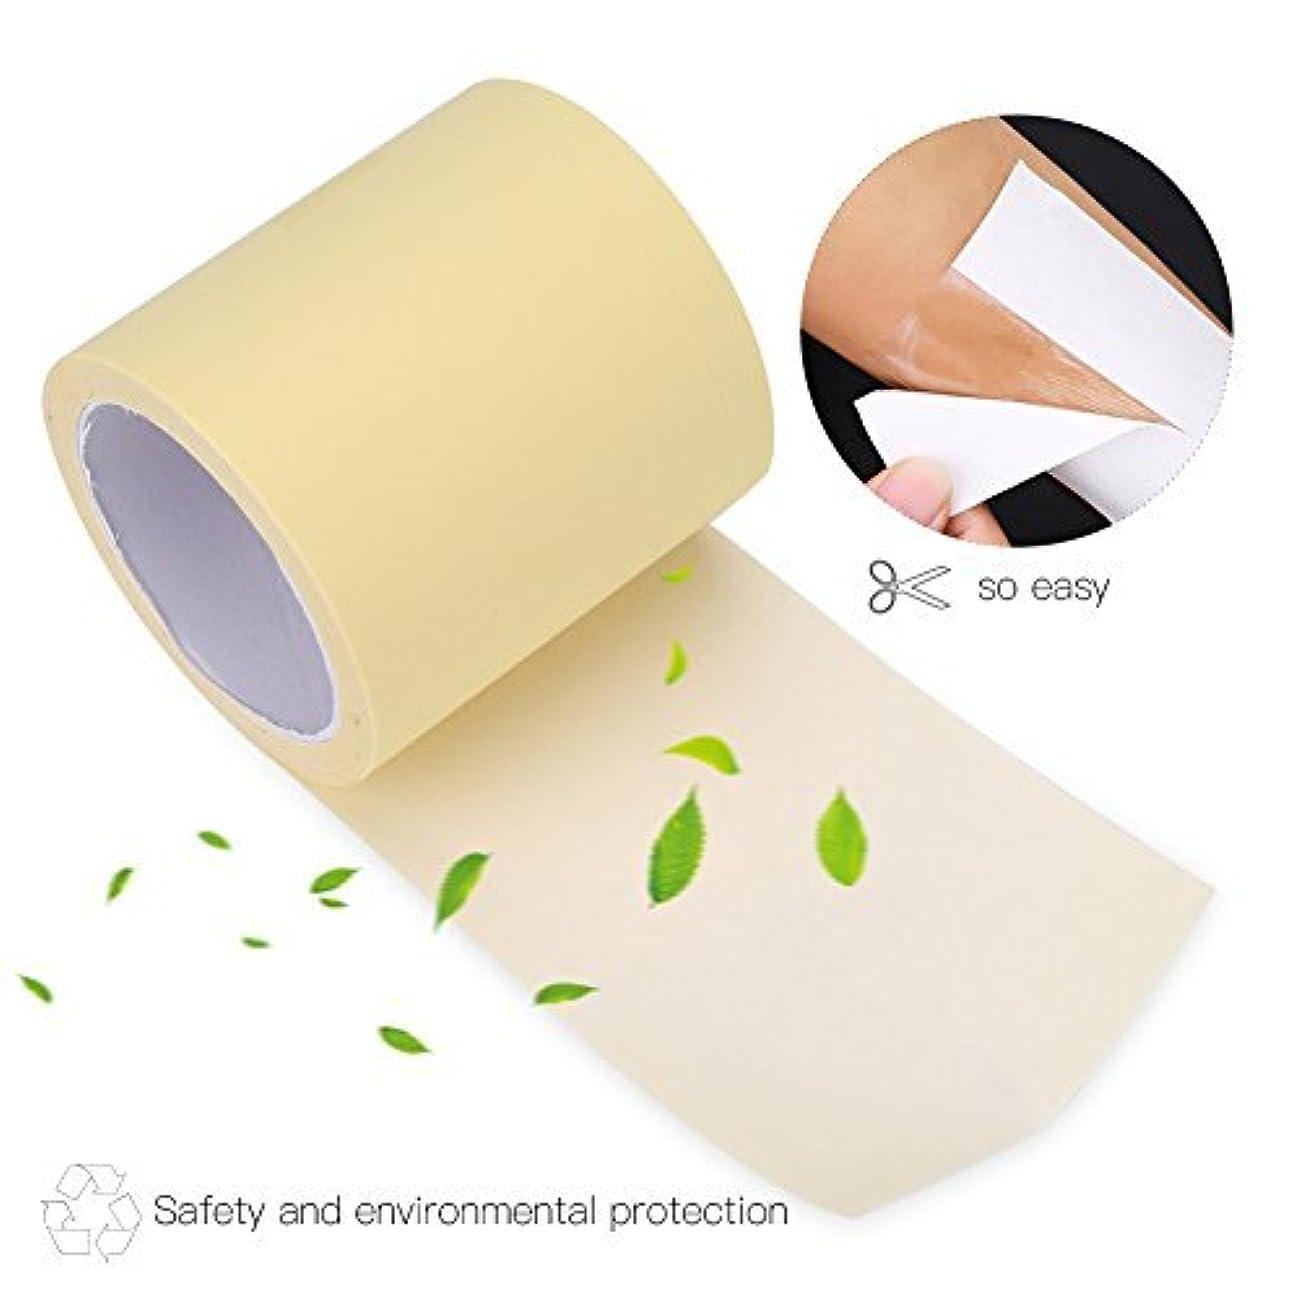 Beito 汗止めパッド 脇の下汗パッド 皮膚に優しい 0.012 mm 透明 超薄型 抗菌加工 脇の汗染み防止